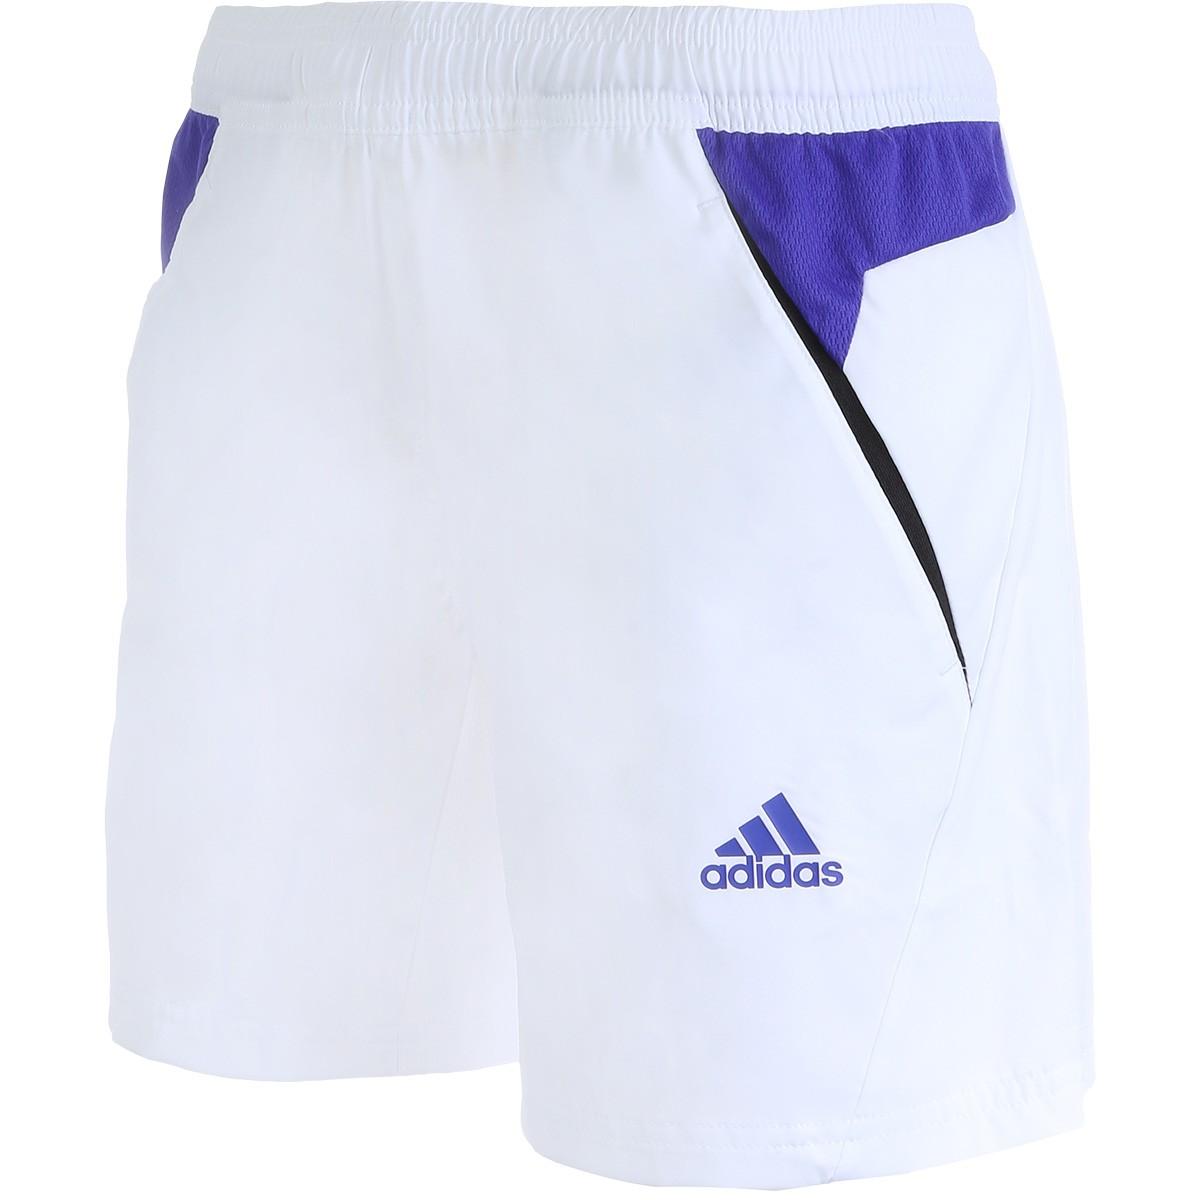 adidas short tennis